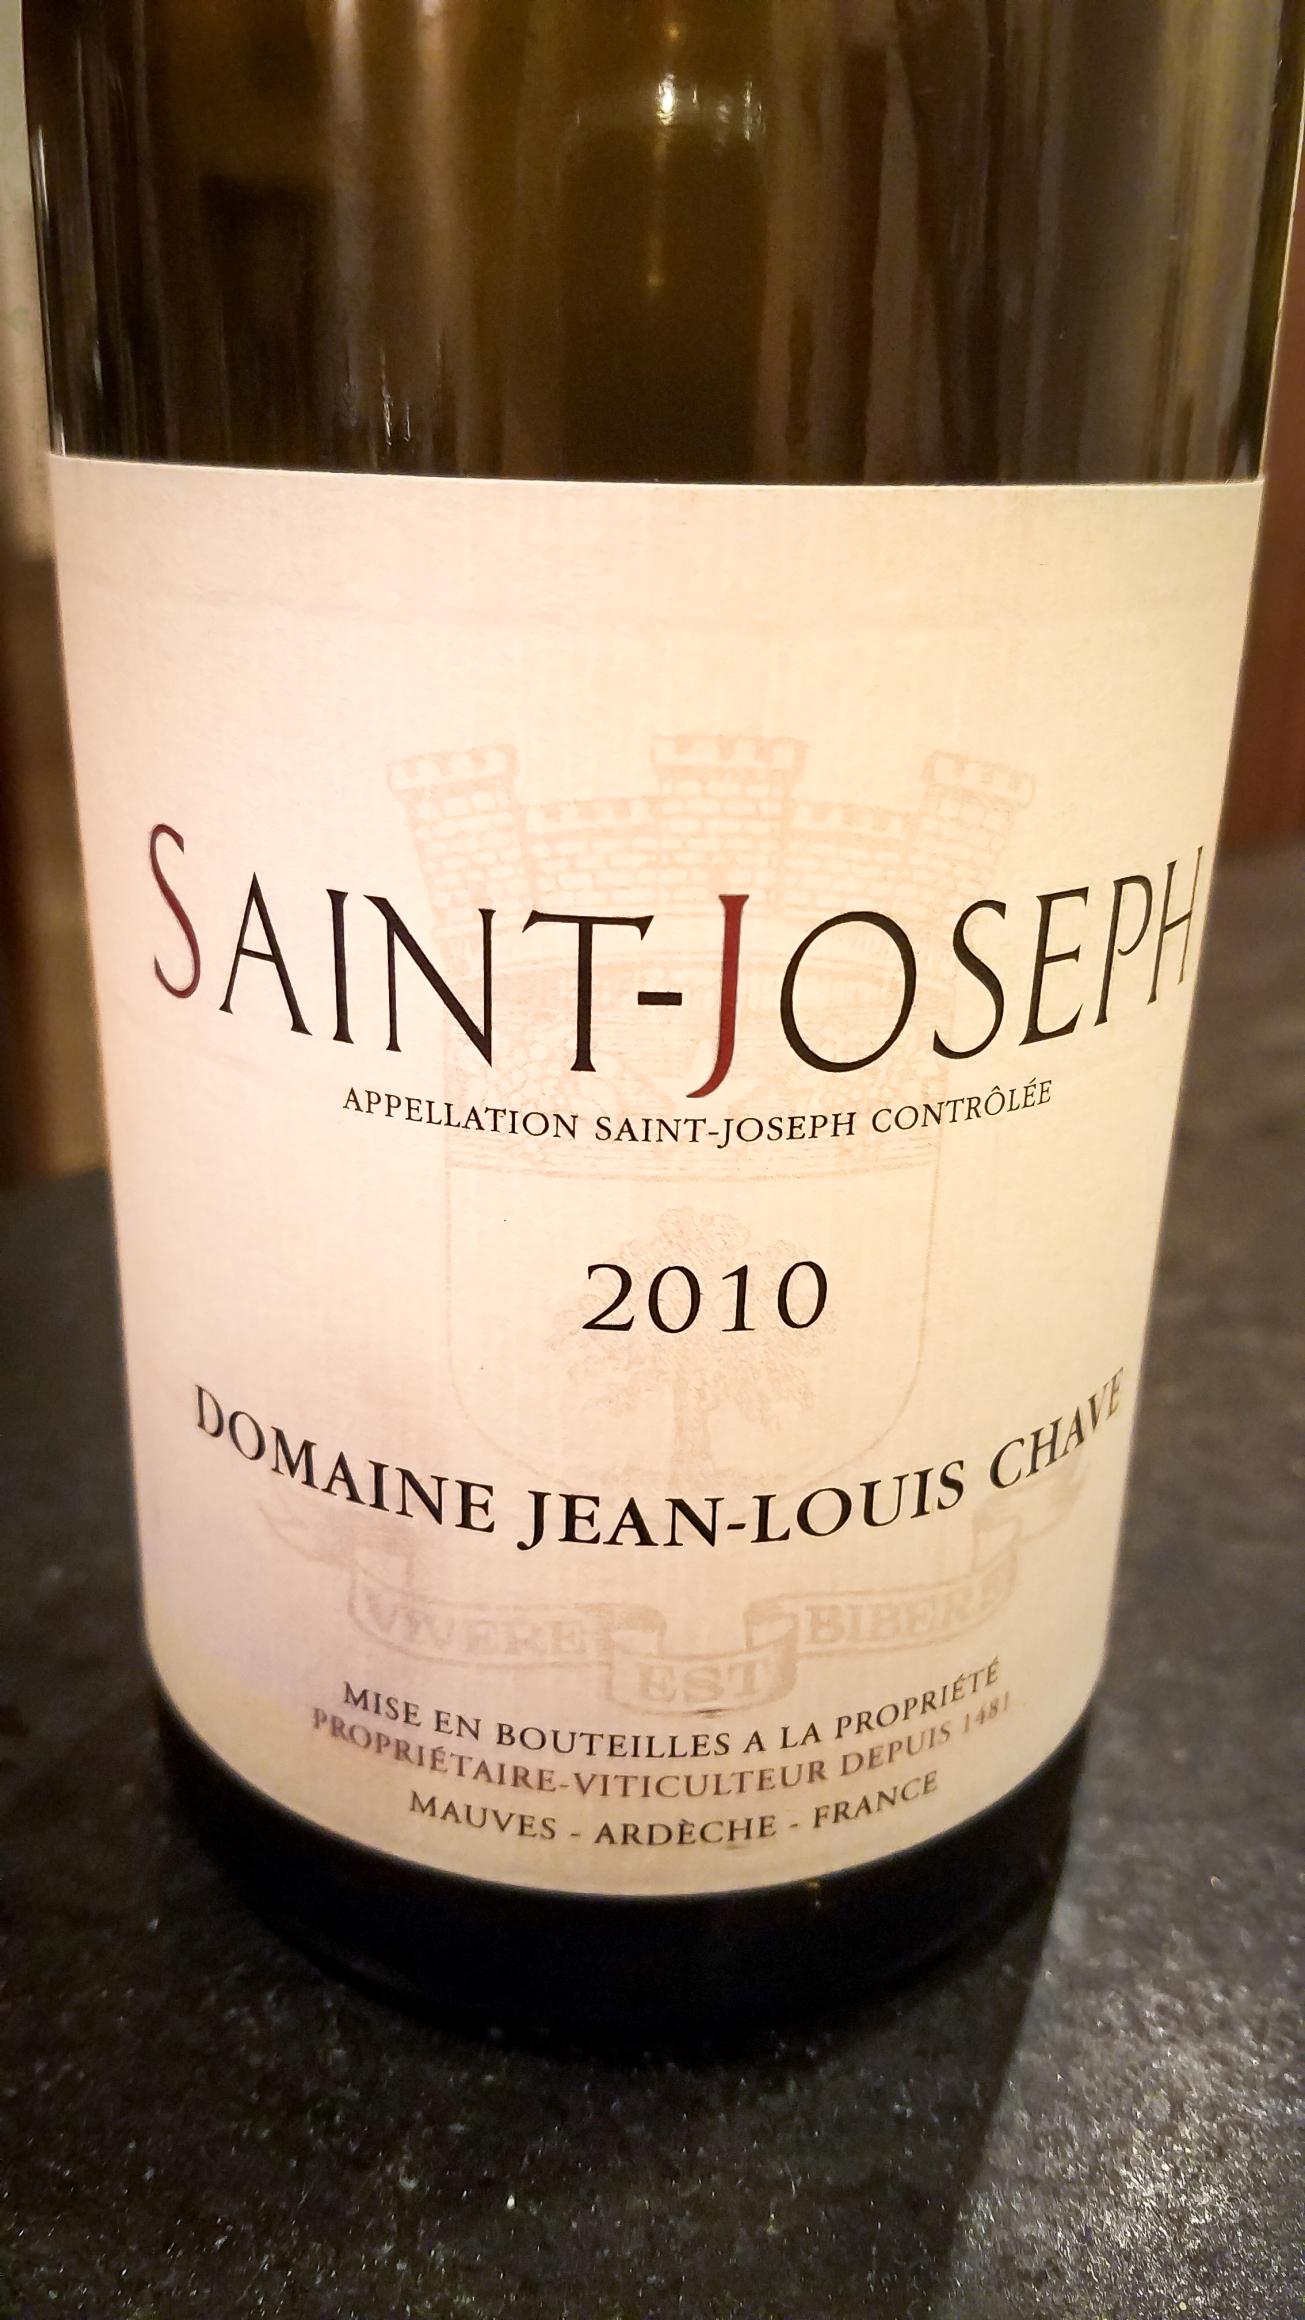 2010 Domaine Jean-Louis Chave St. Joseph